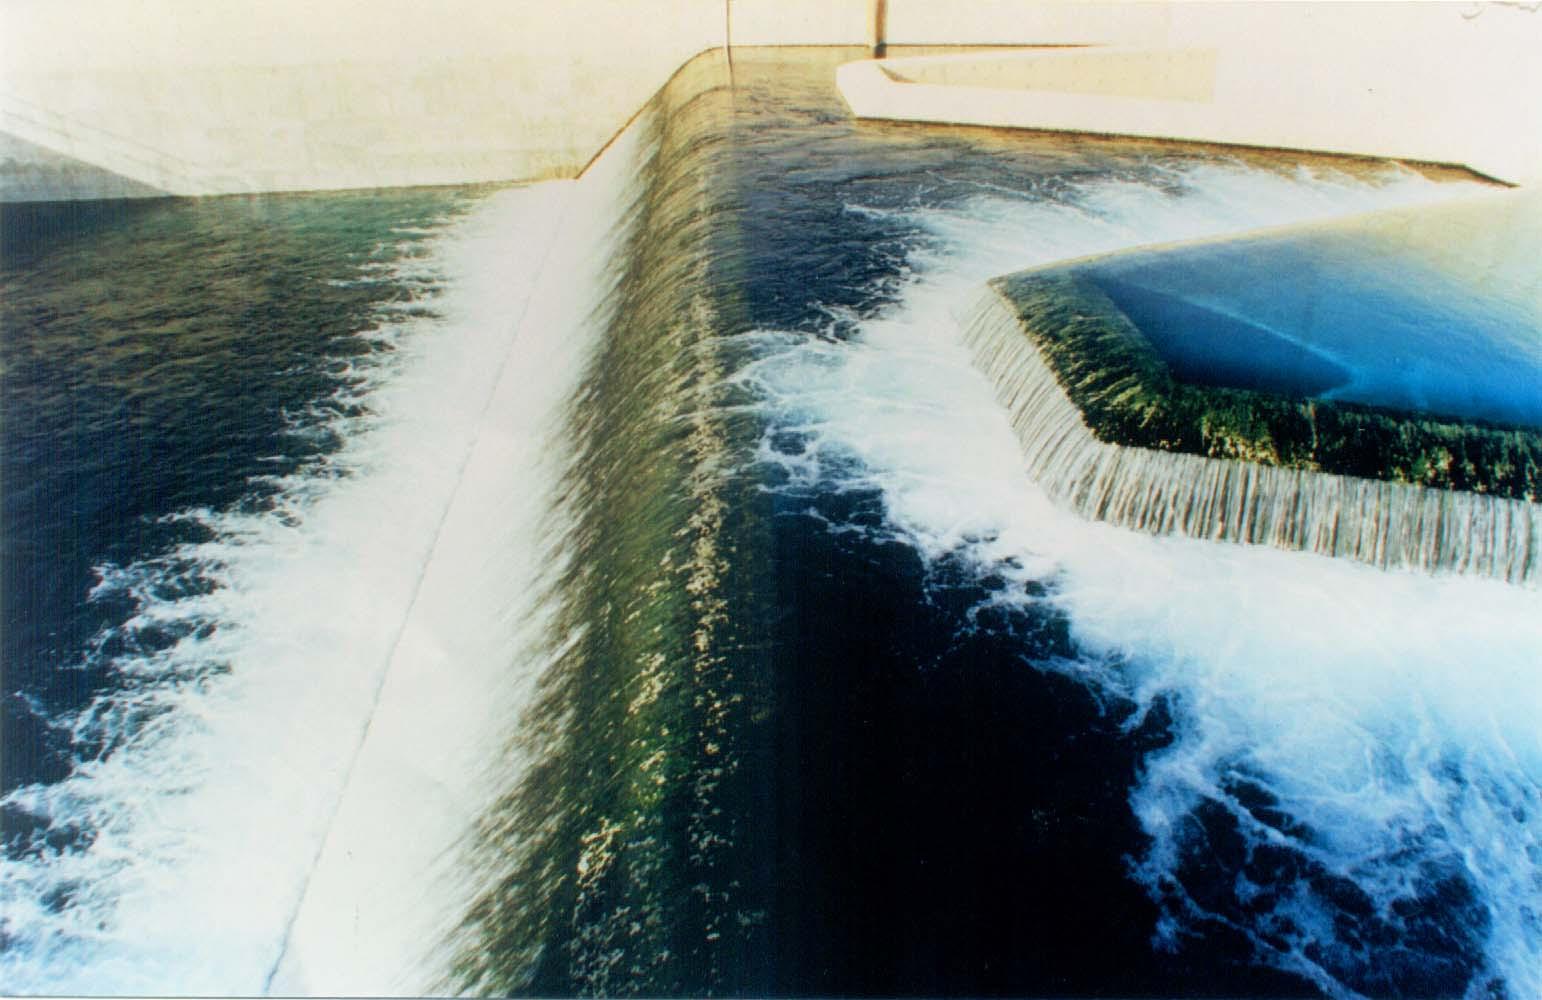 النهر الصناعي - ارشيفية